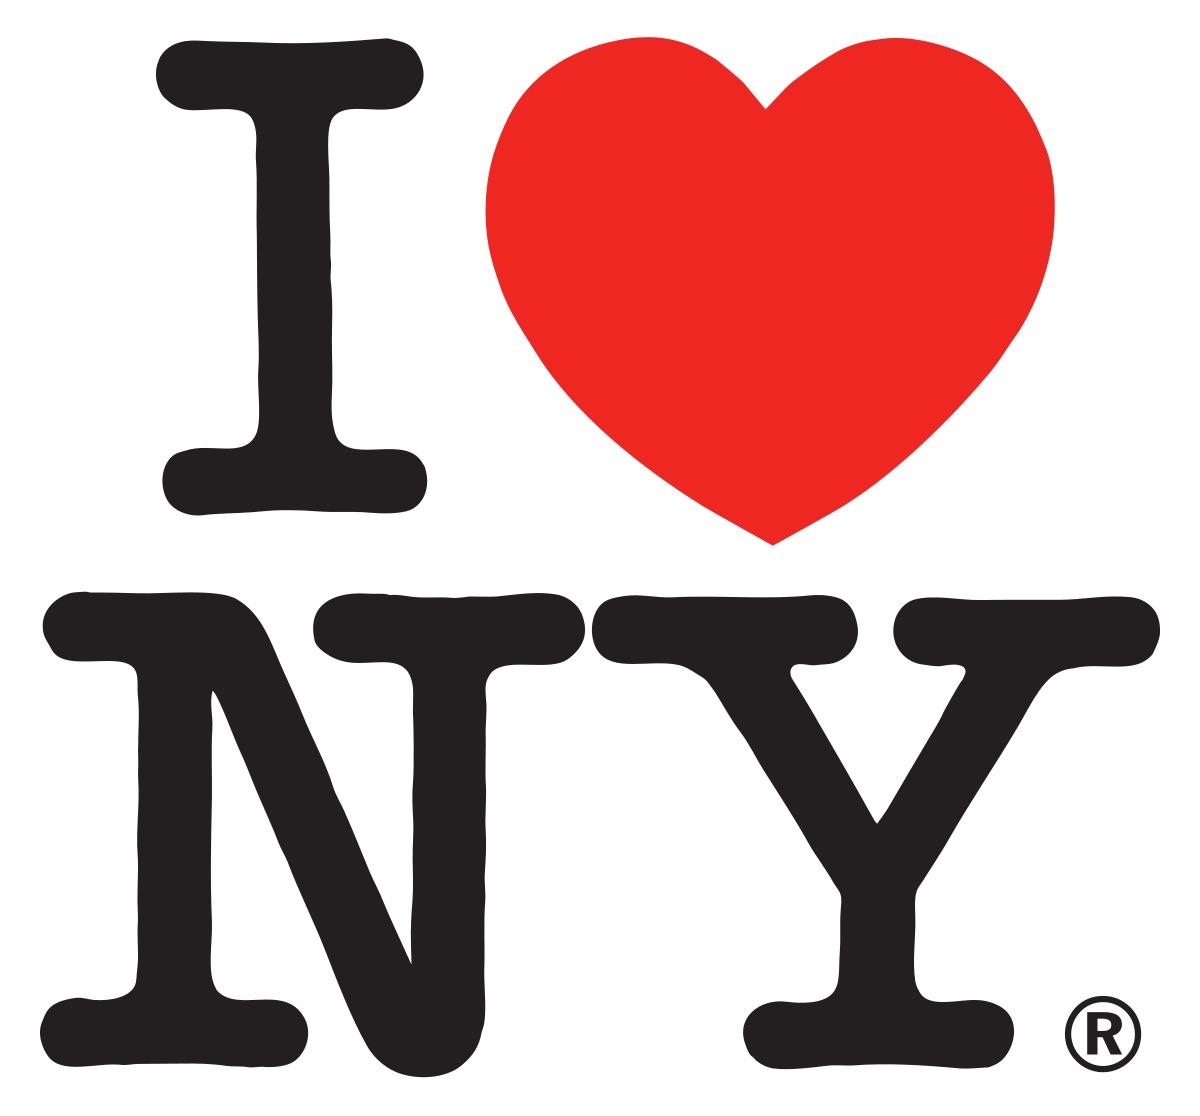 El Iogo de I Love New York fue realizado por Milton Glaser y fue totalmente pro bono, actuamente genera más de $ 30 millones de dólares al año.